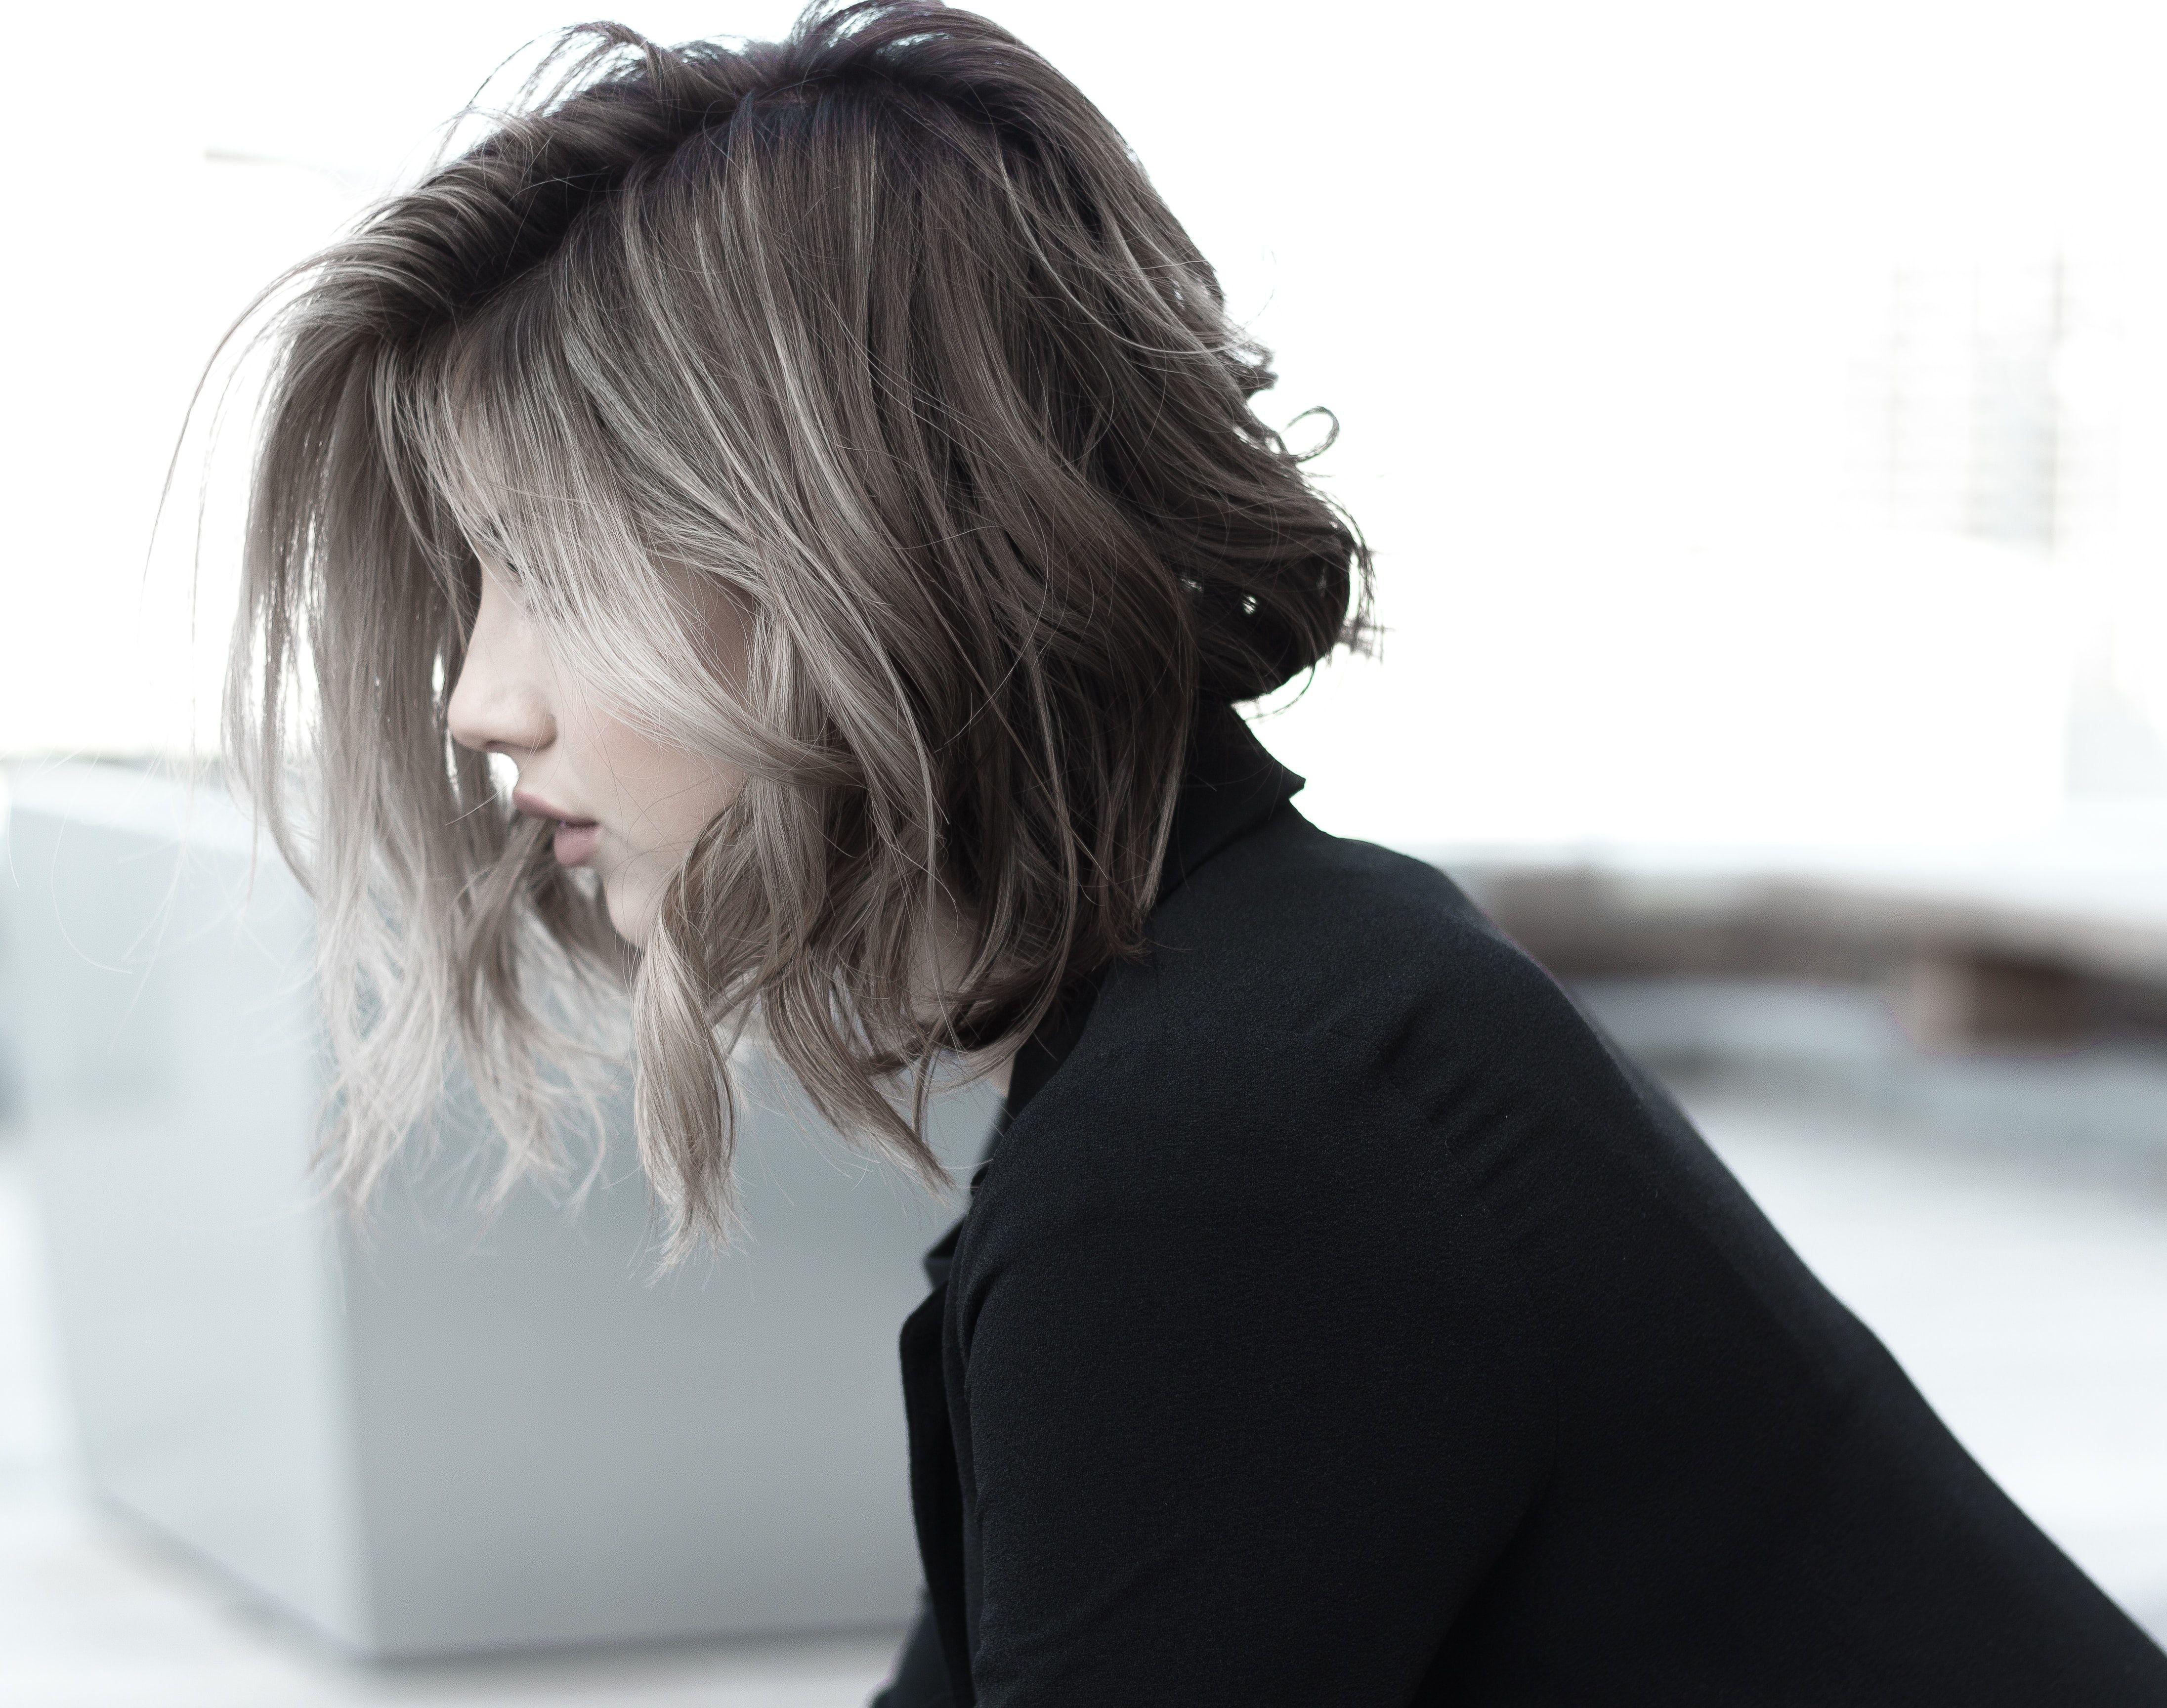 Sredniej Dlugosci Najmodniejsze Fryzury Damskie 2020 Ash Blonde Hair Colour Hair Styles Hairstyle